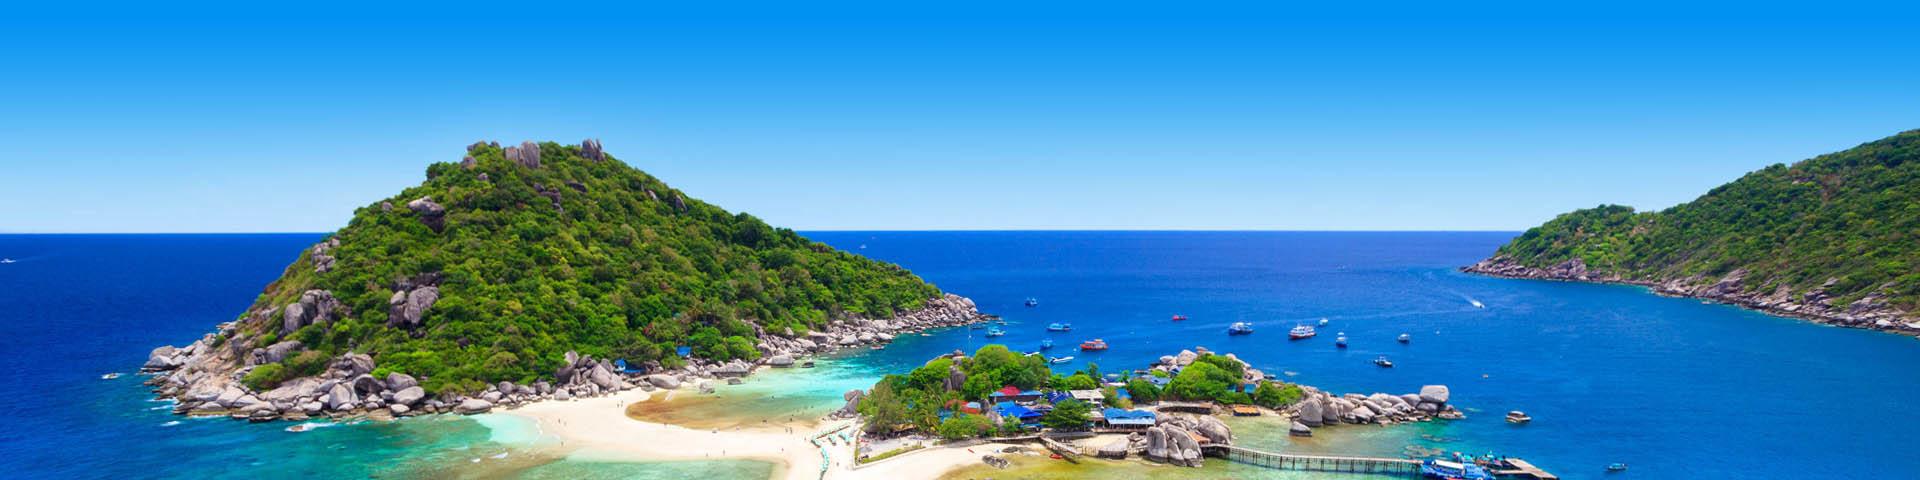 Prachtig exotisch eiland voor een verre reis